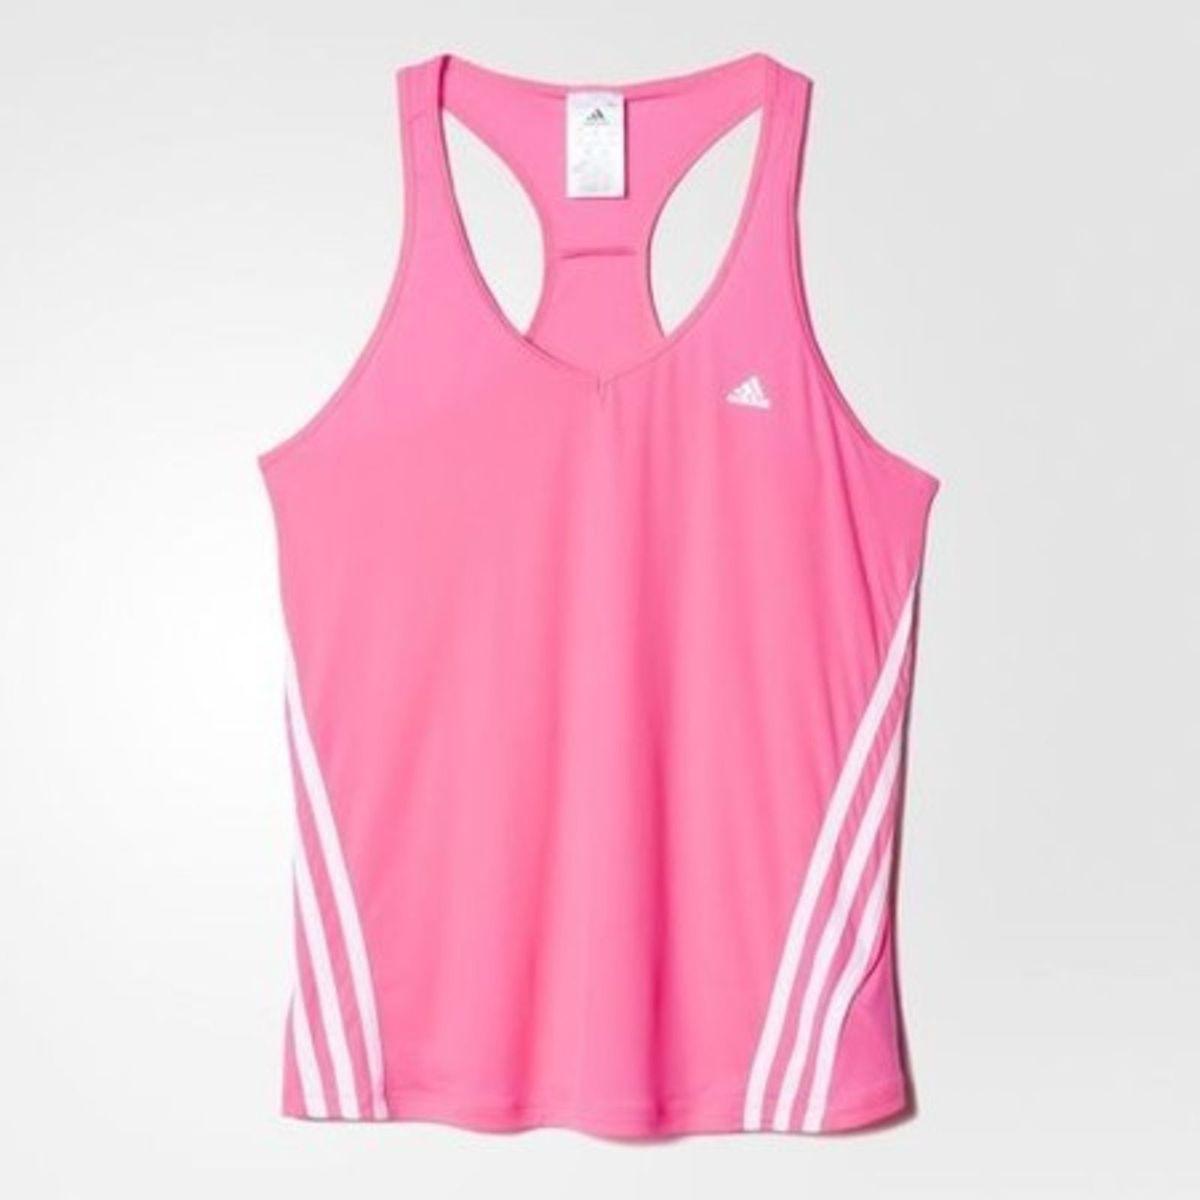 93eddc96f2 camiseta regata essentials clima 3s light weight feminina - adidas tam - g  - camisetas adidas